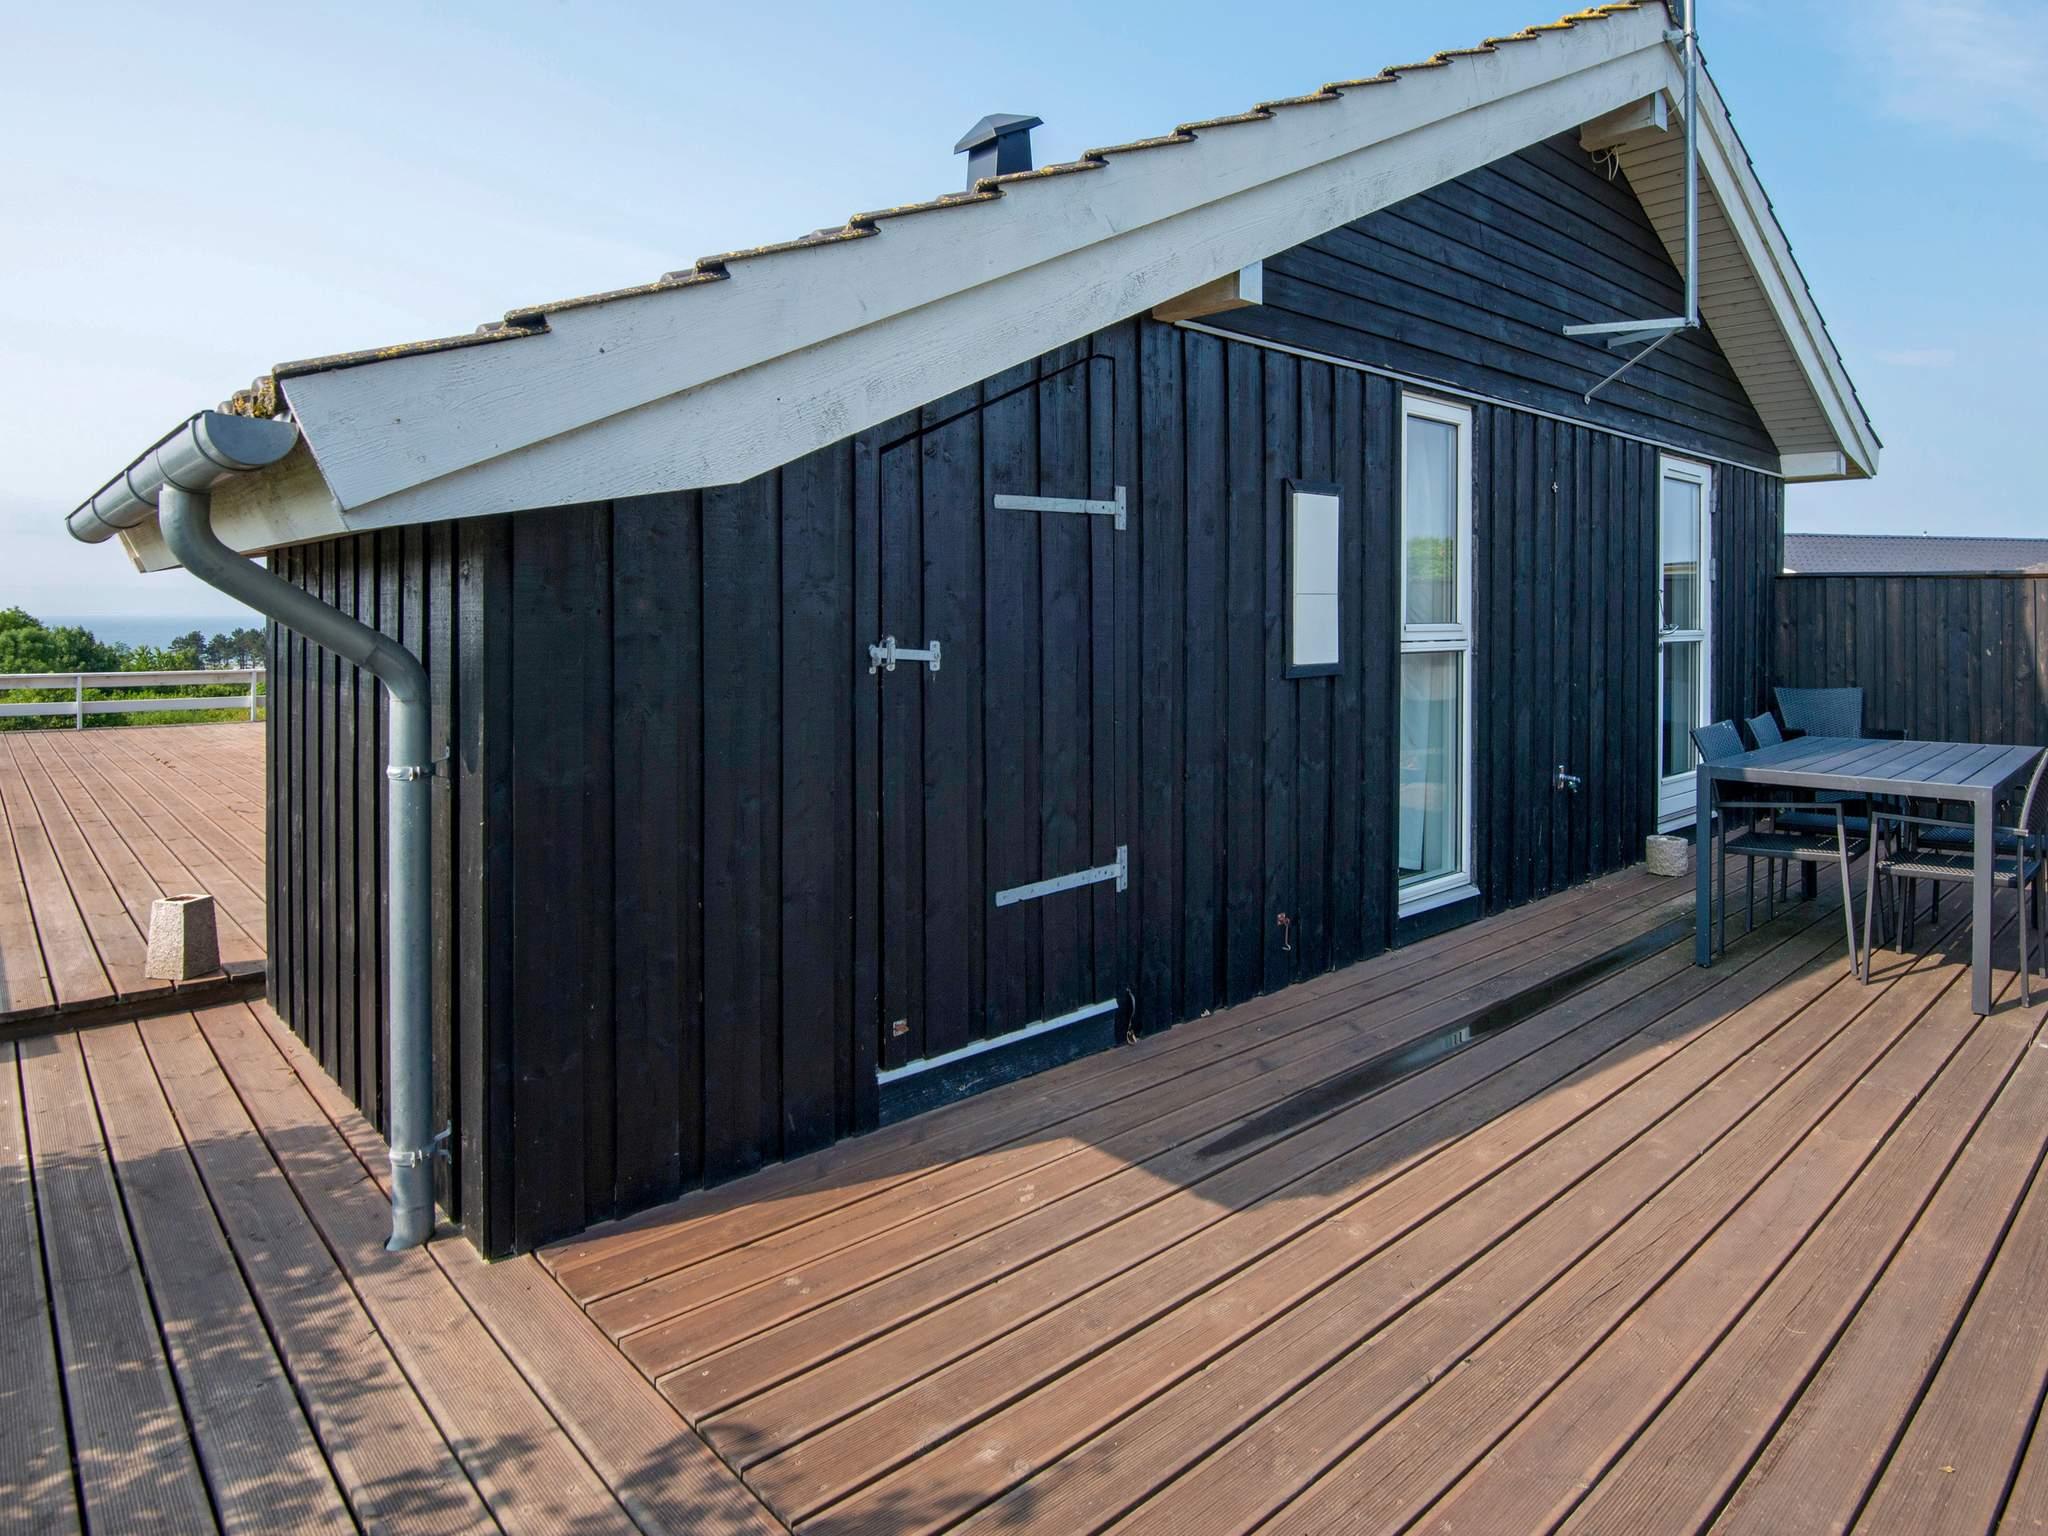 Ferienhaus Bønnerup Strand (601852), Bønnerup, , Ostjütland, Dänemark, Bild 22